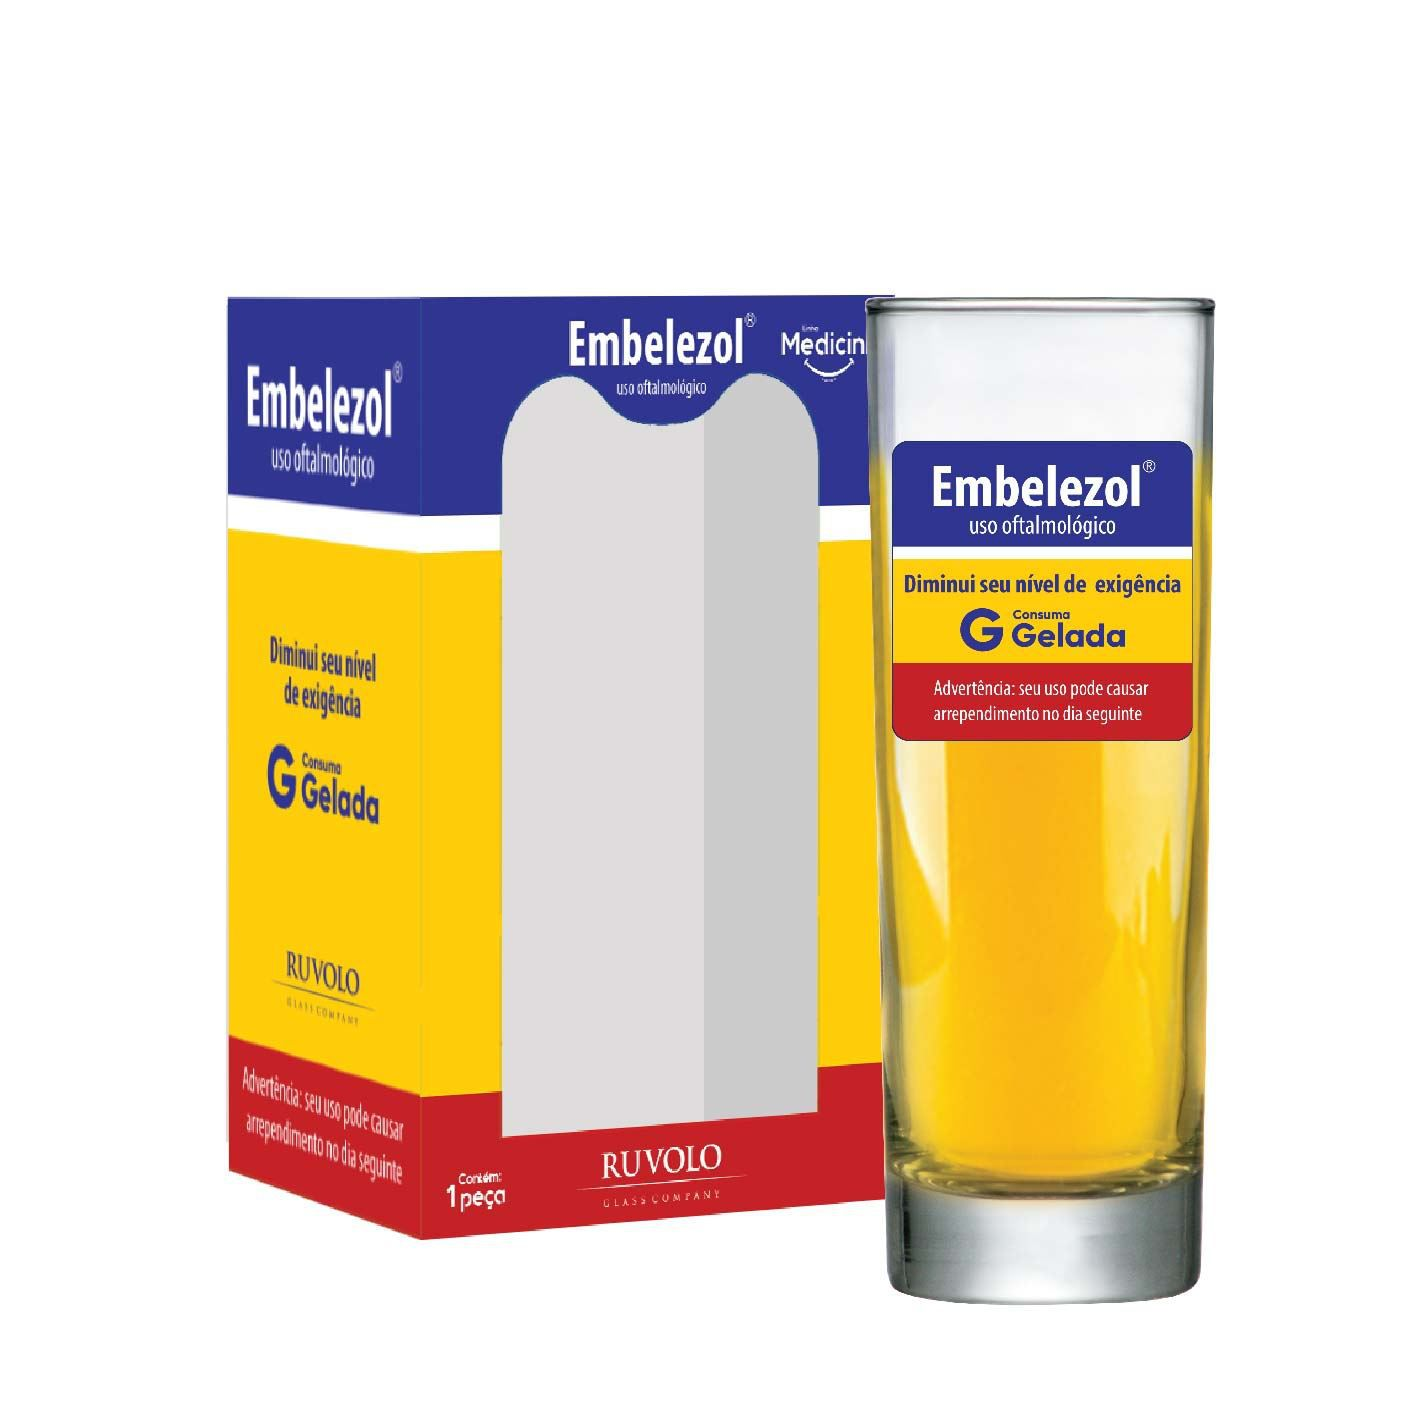 Copo de Água Frases Legais Medicine Embelezol Tubo 300ml